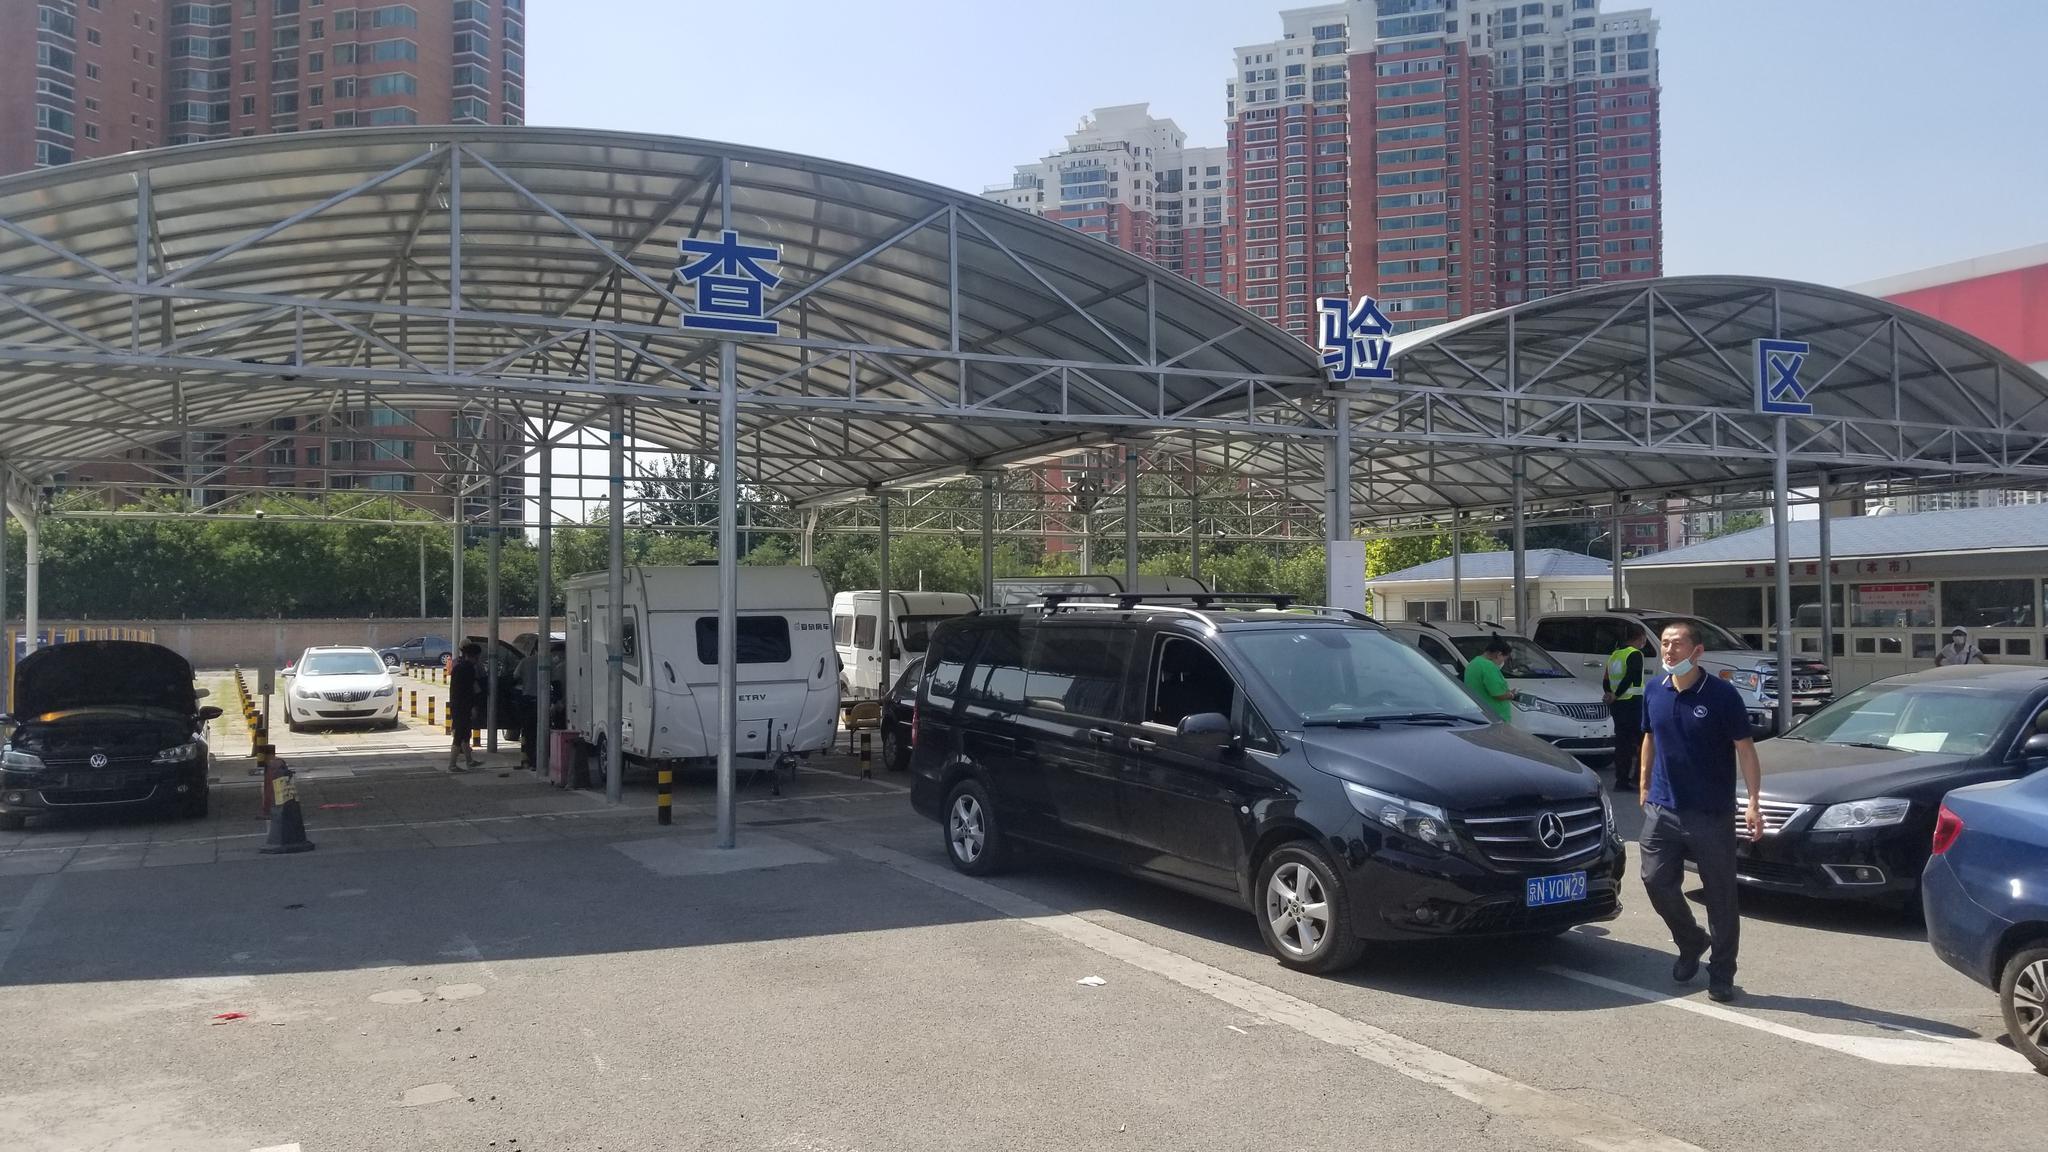 花乡二手车市交易量仍堪忧 有车商7月仅卖5辆车